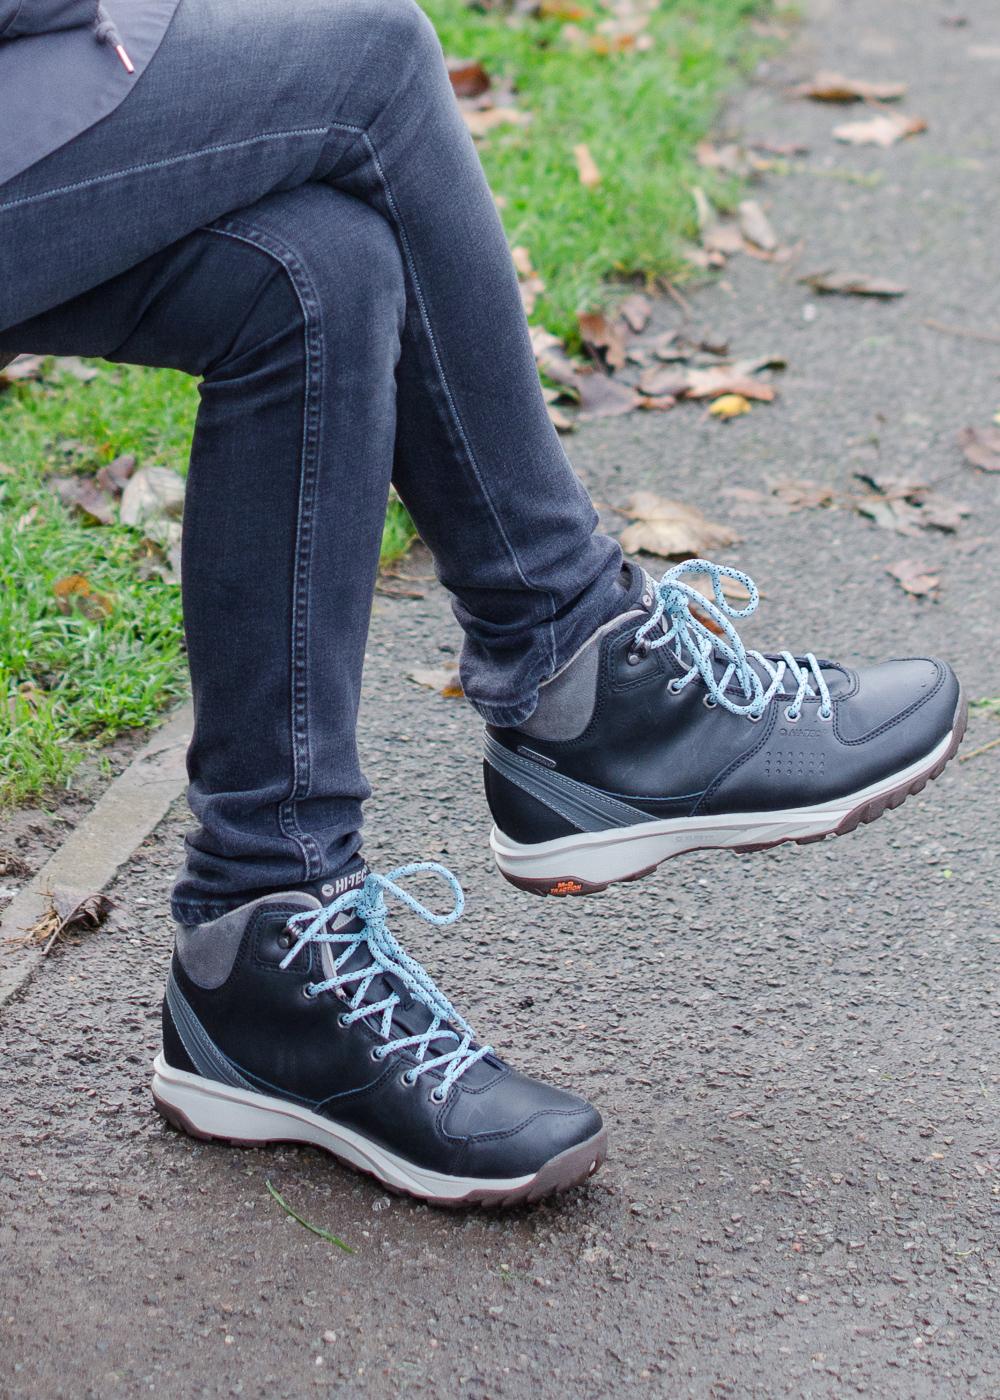 review giveaway hi tec s walking